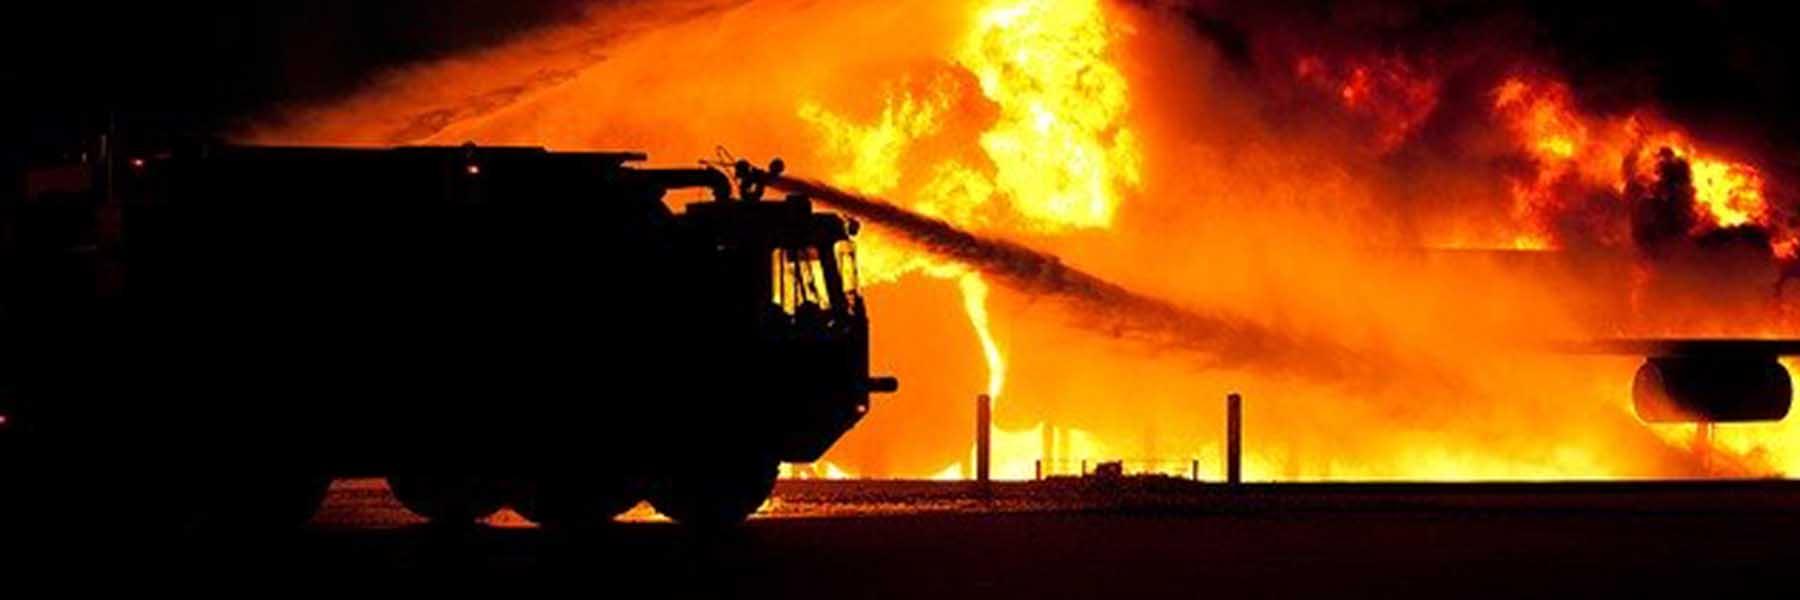 Brandschutz und Brandlöschung